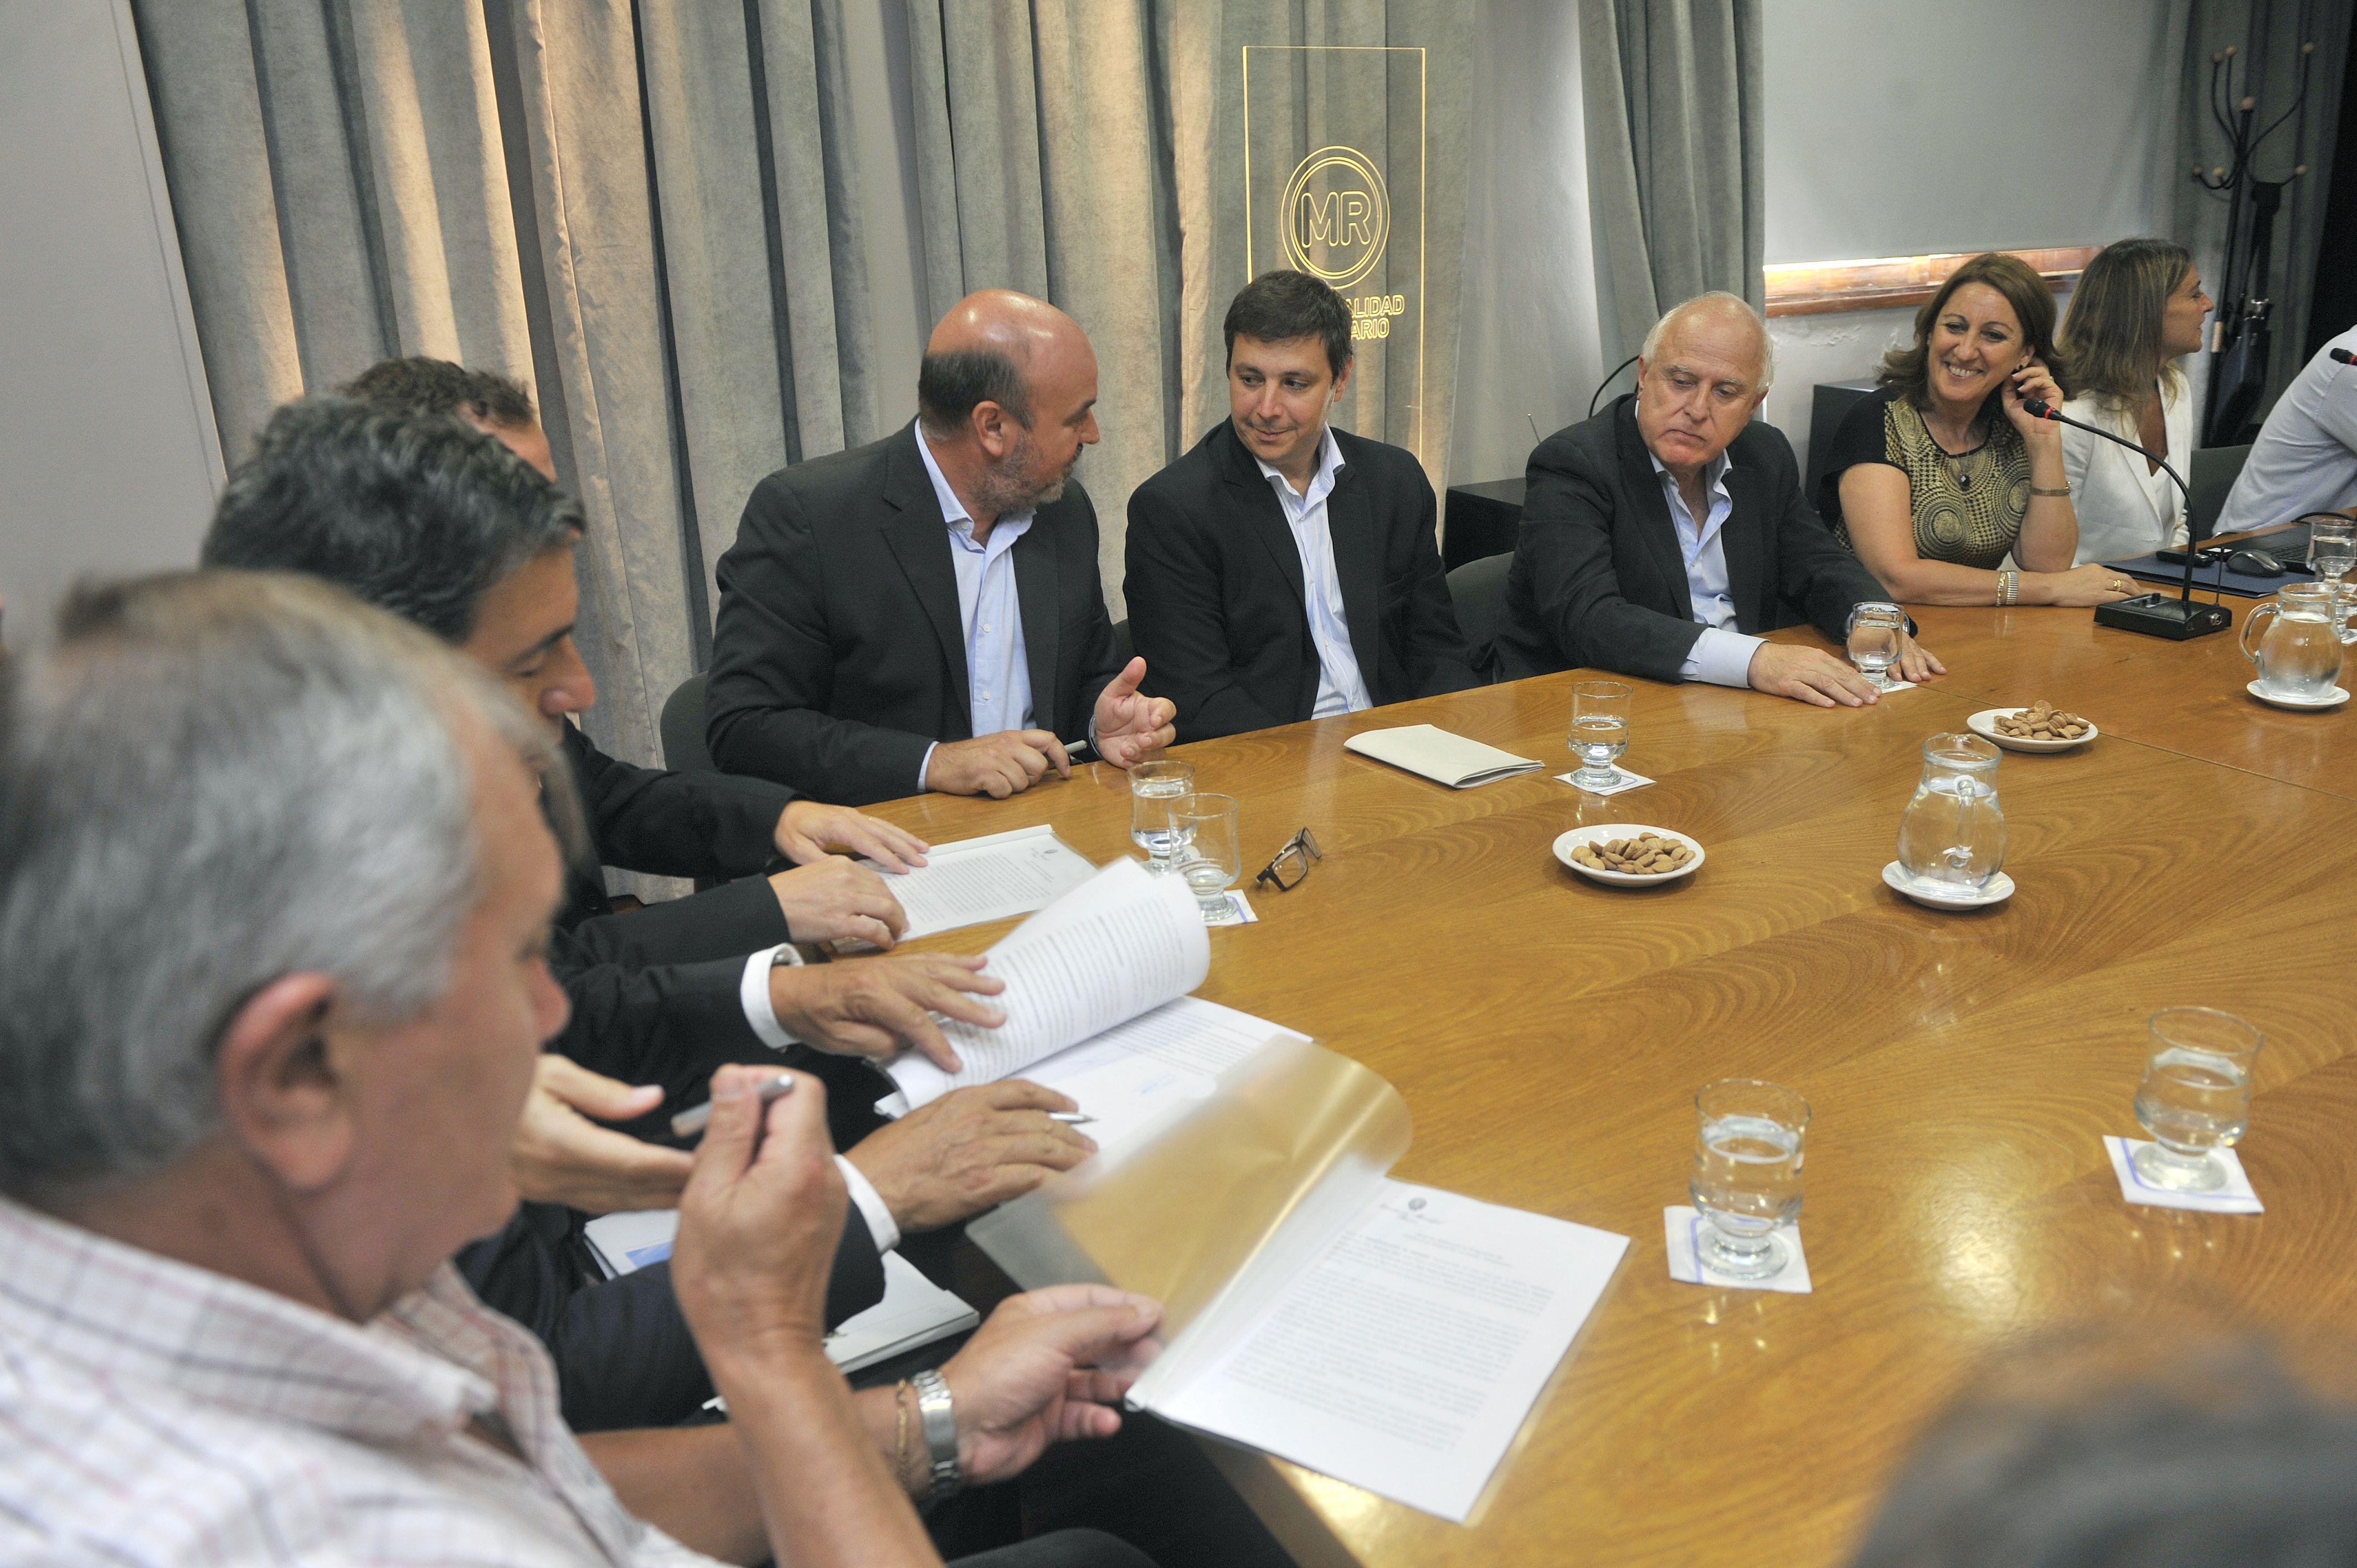 Las tres compañías rubricaron el acuerdo con la intendenta en el Palacio de los Leones. (Leonardo Vincenti)